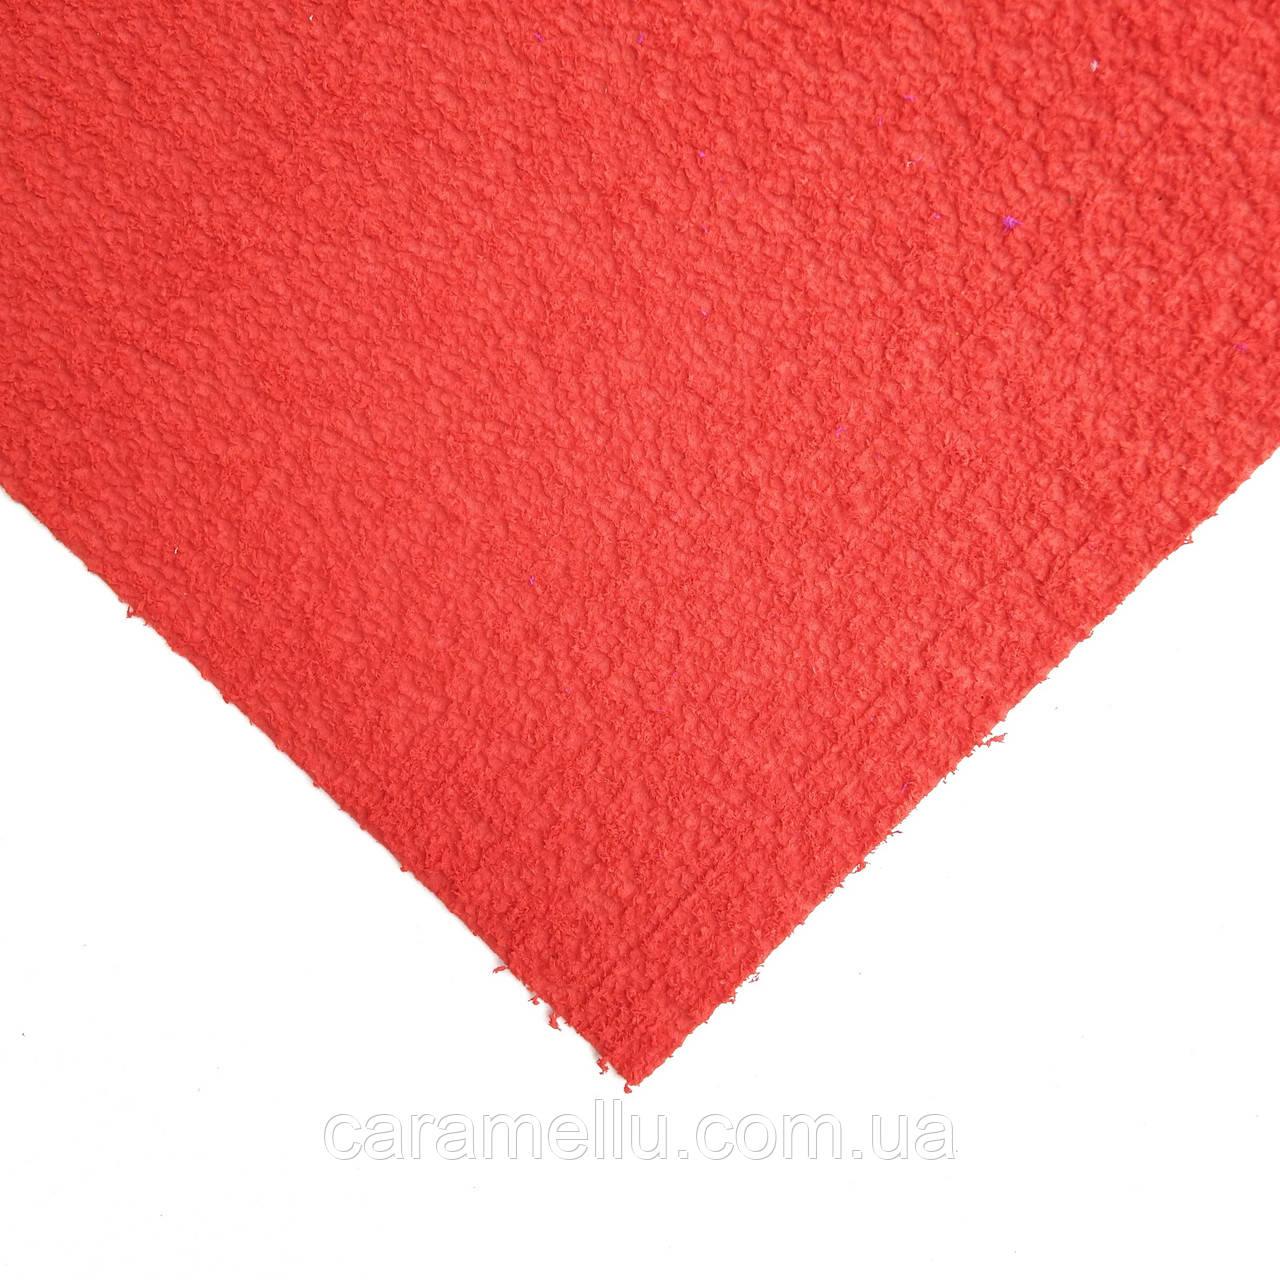 Махровый Фоамиран. Ярко-красный, 20х30см.